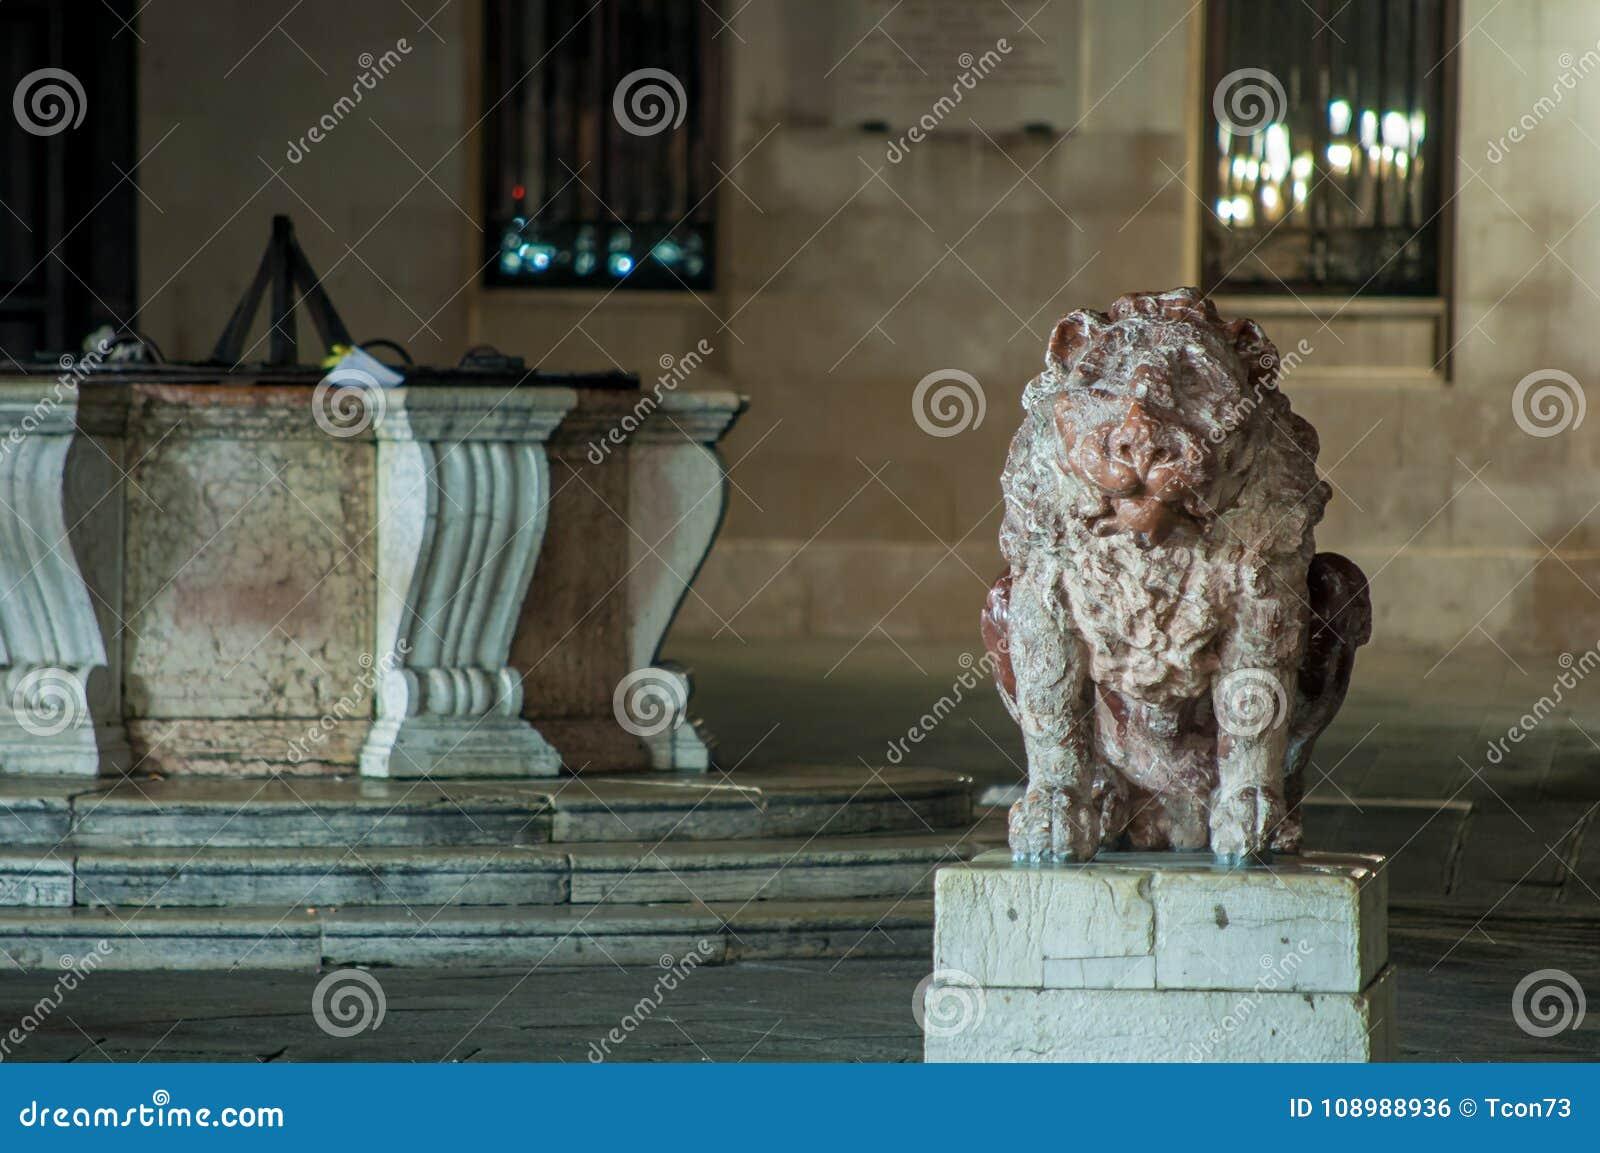 Мраморная водяная скважина статуи льва и мраморных